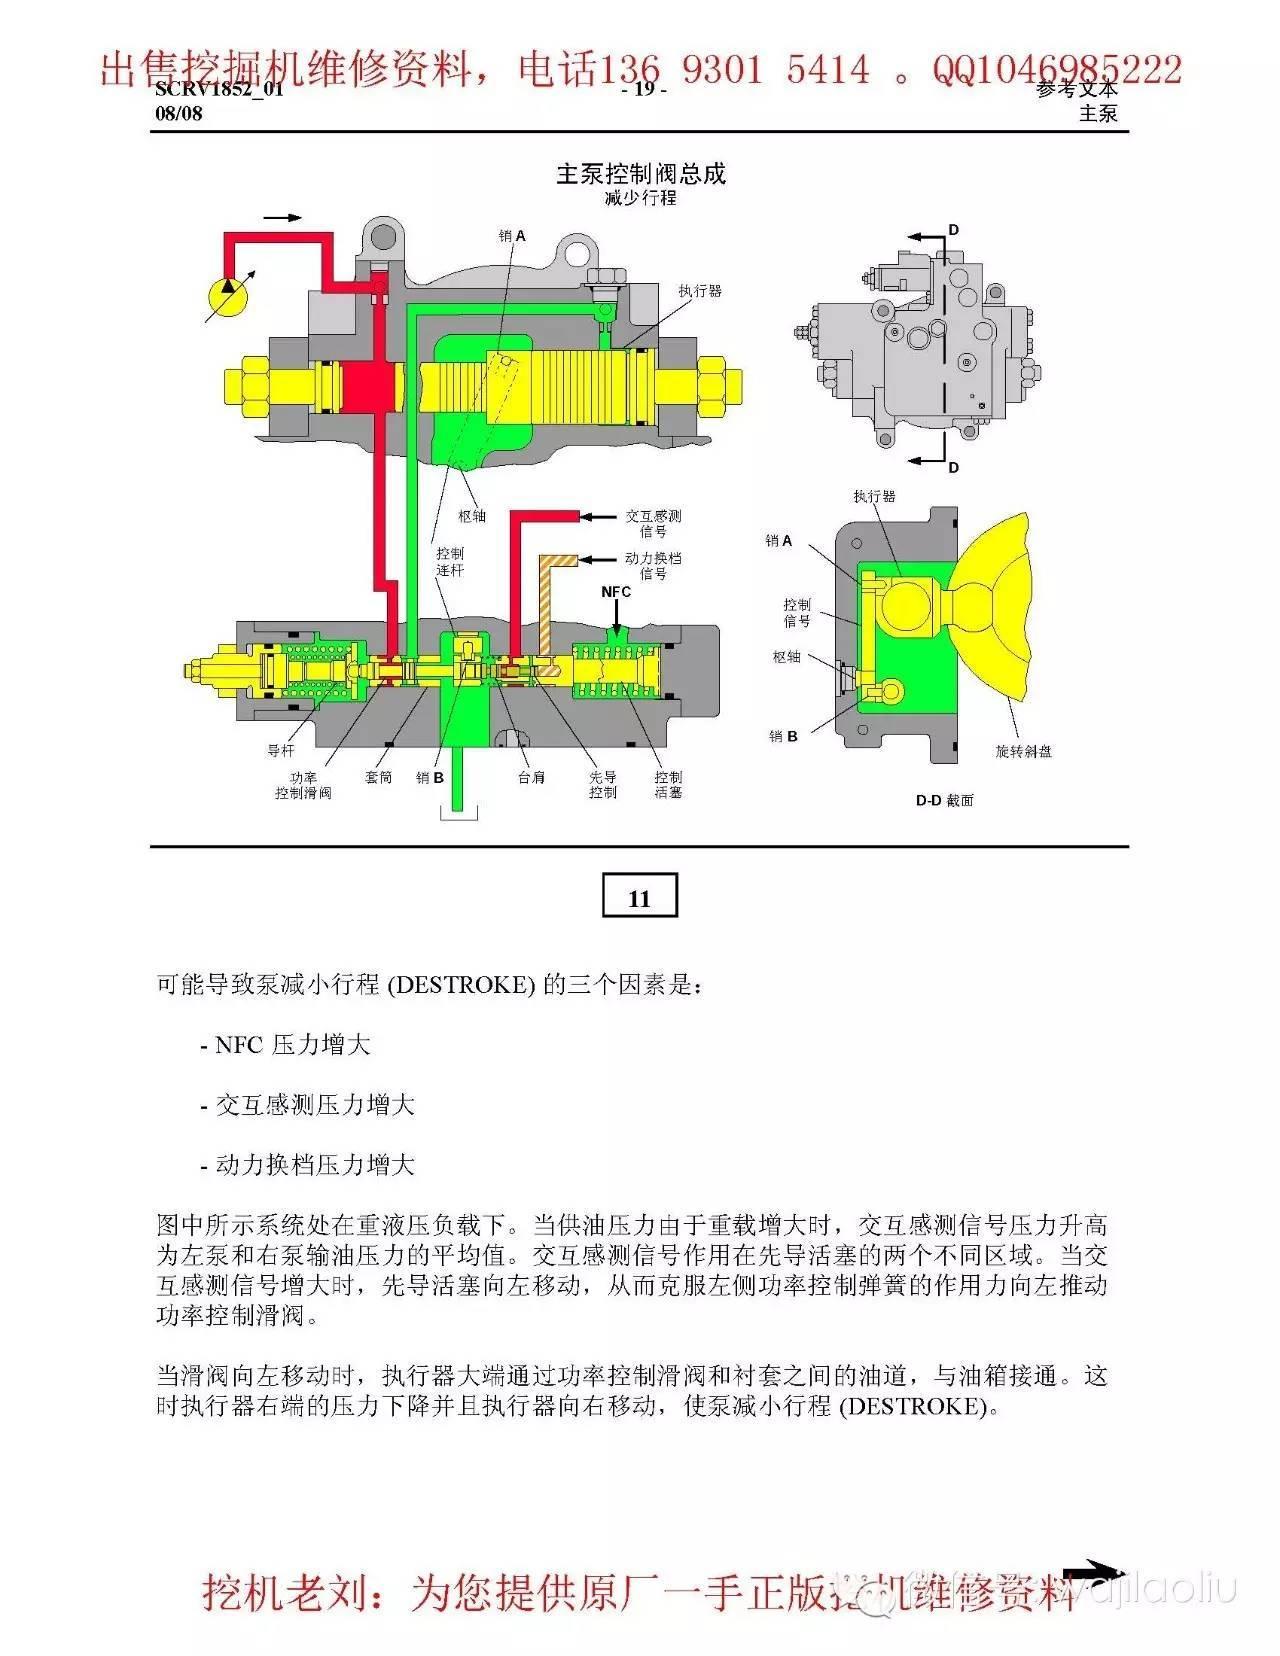 中文卡特液压泵,控制阀,工作原理图,部件功能讲解图片